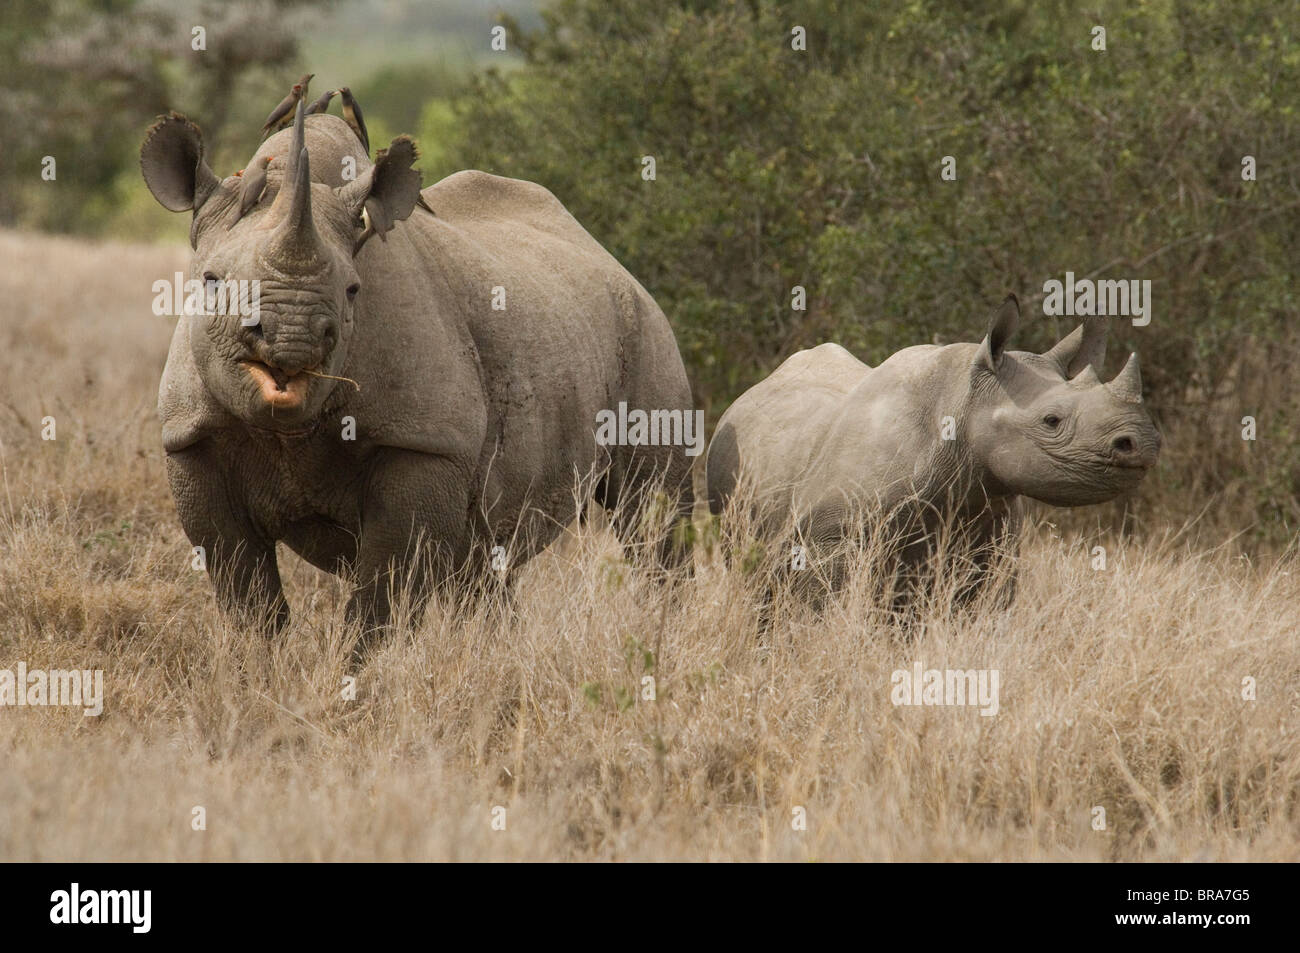 Rhinocéros blanc VEAU VACHE ET L'AFRIQUE TANZANIE Photo Stock